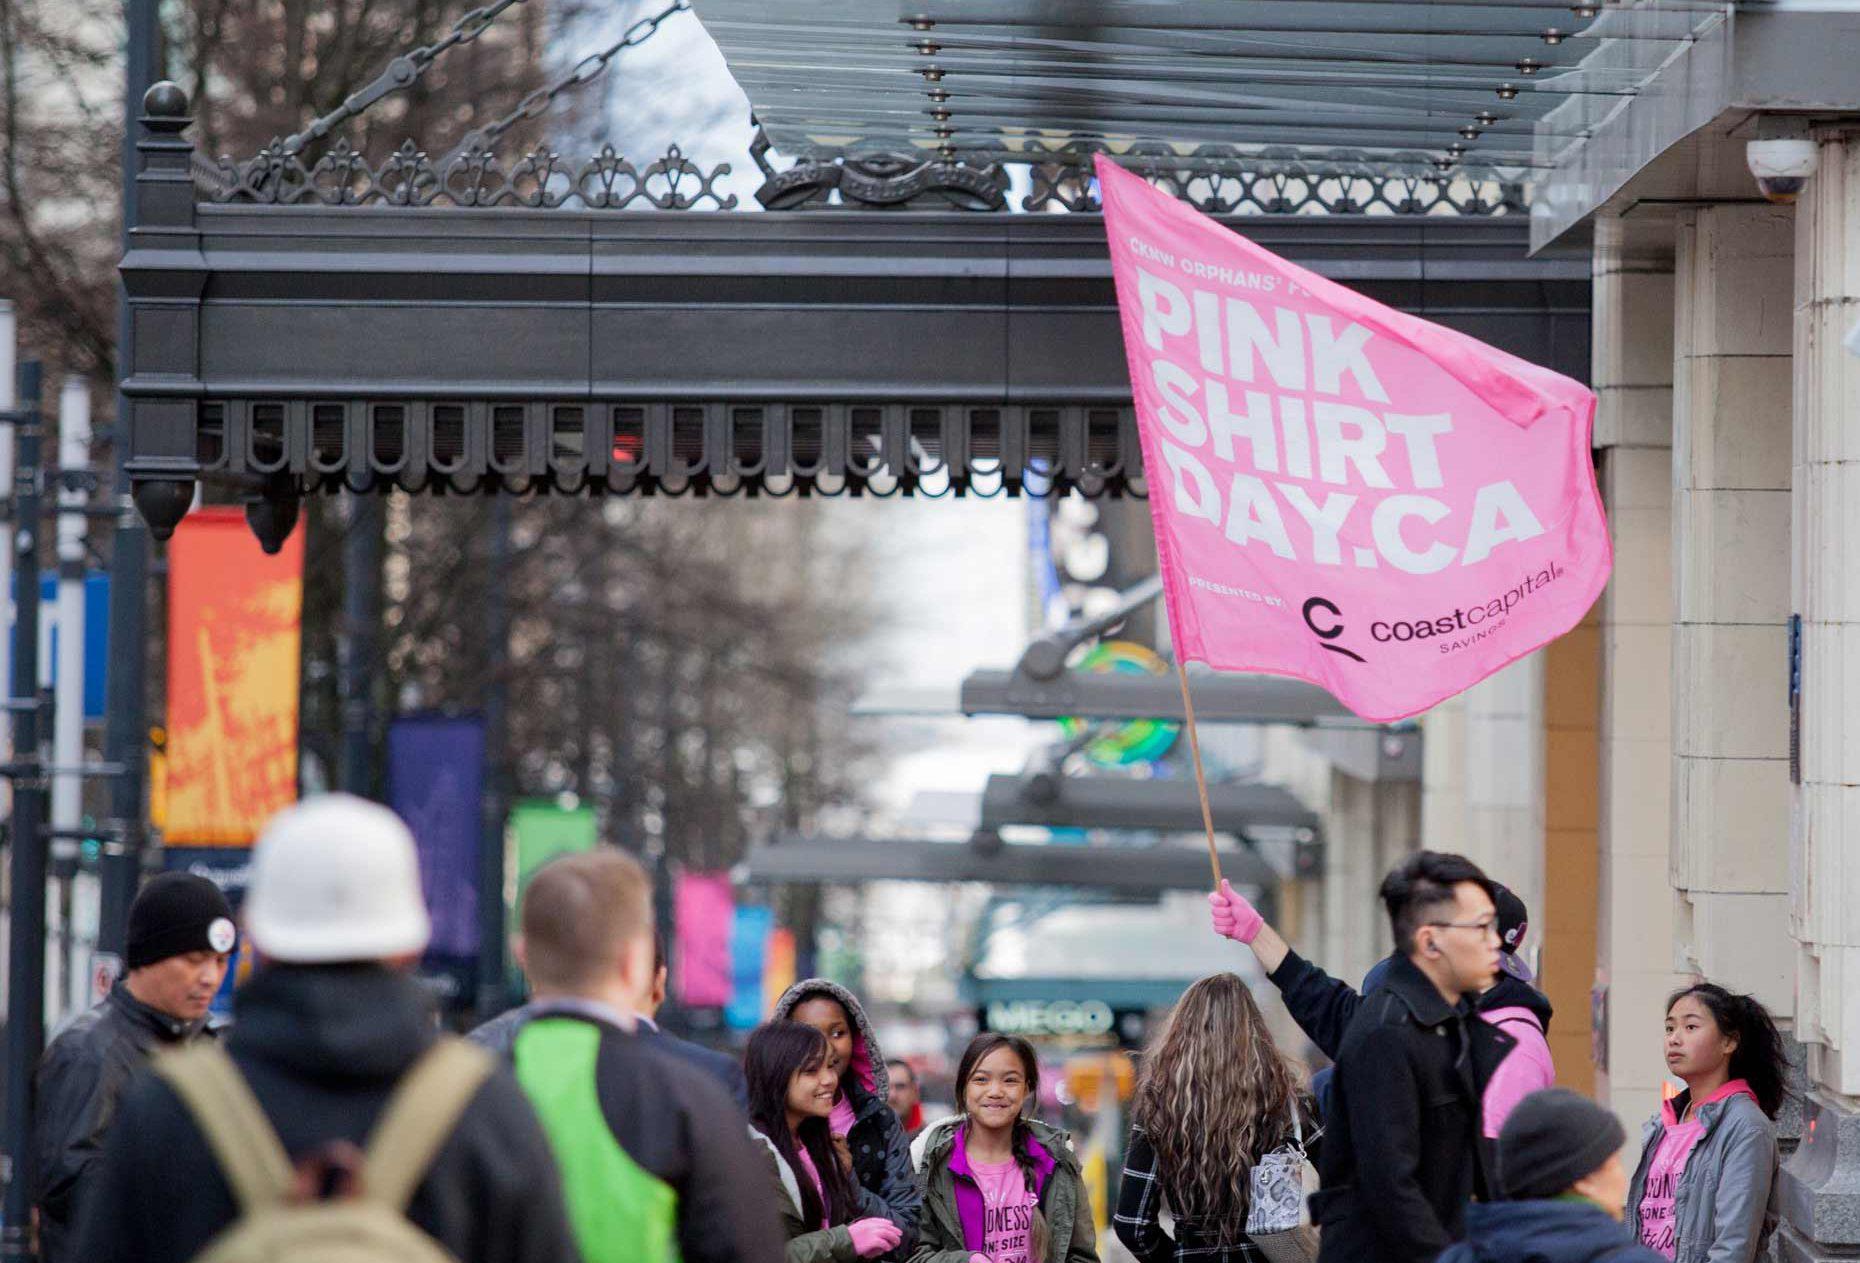 pinkShirtDay_Flag_resized